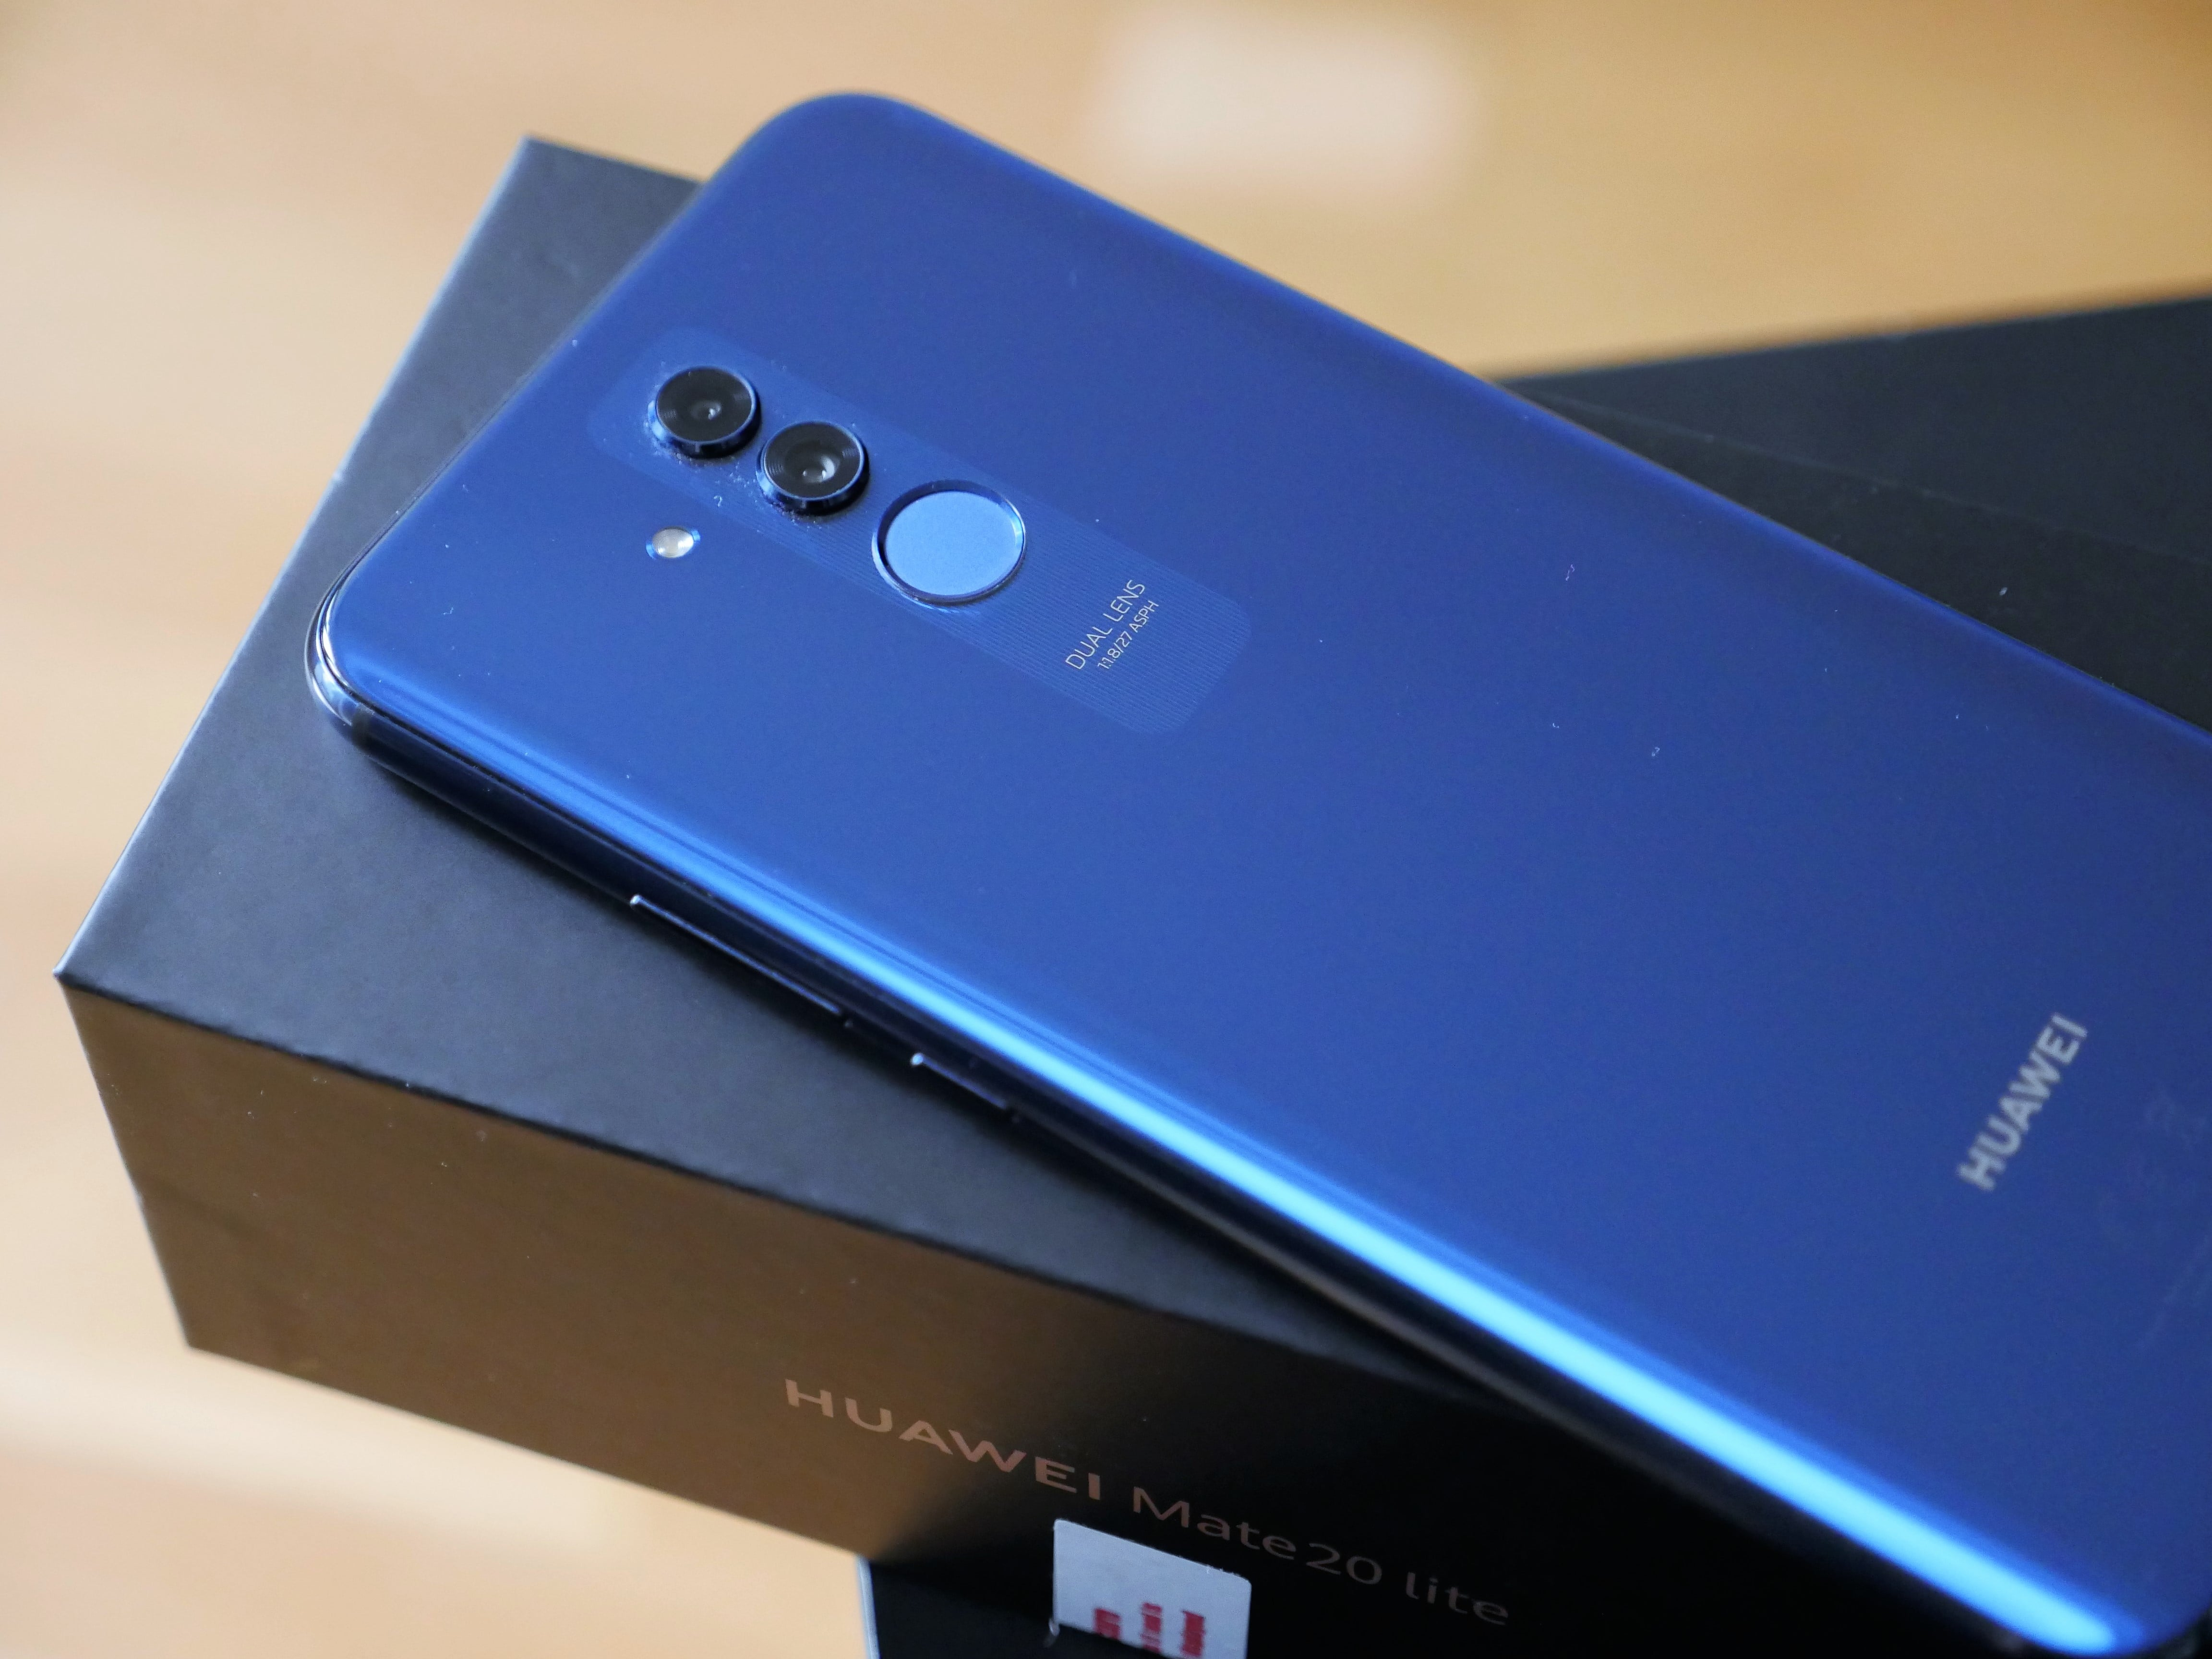 Promocja na Walentynki: kup dwa smartfony Huawei lub Samsunga, a zapłacisz nawet 200 złotych mniej 22